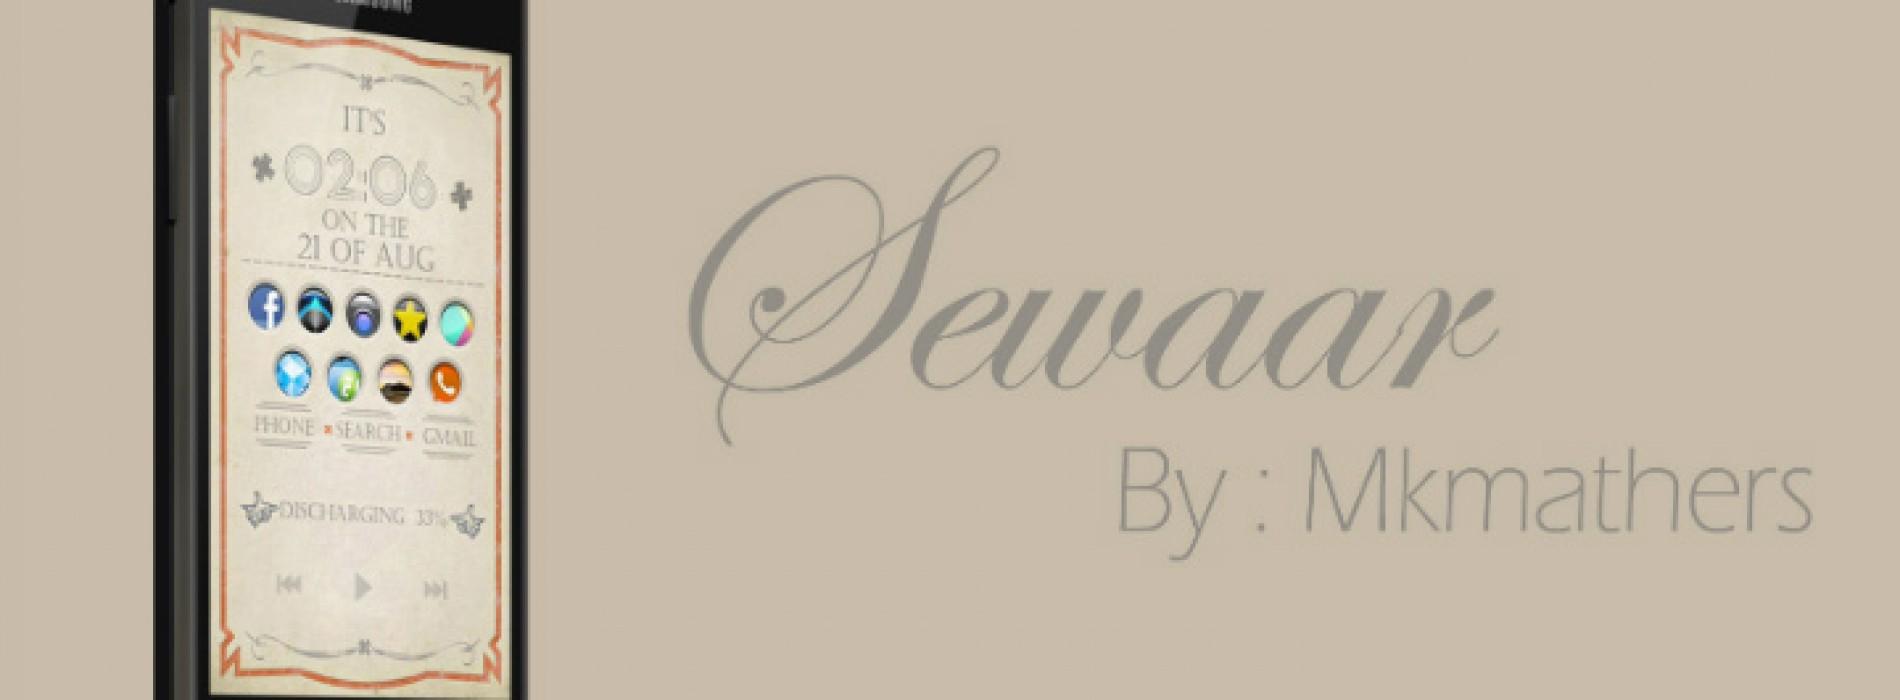 Get This Look: Sewaar